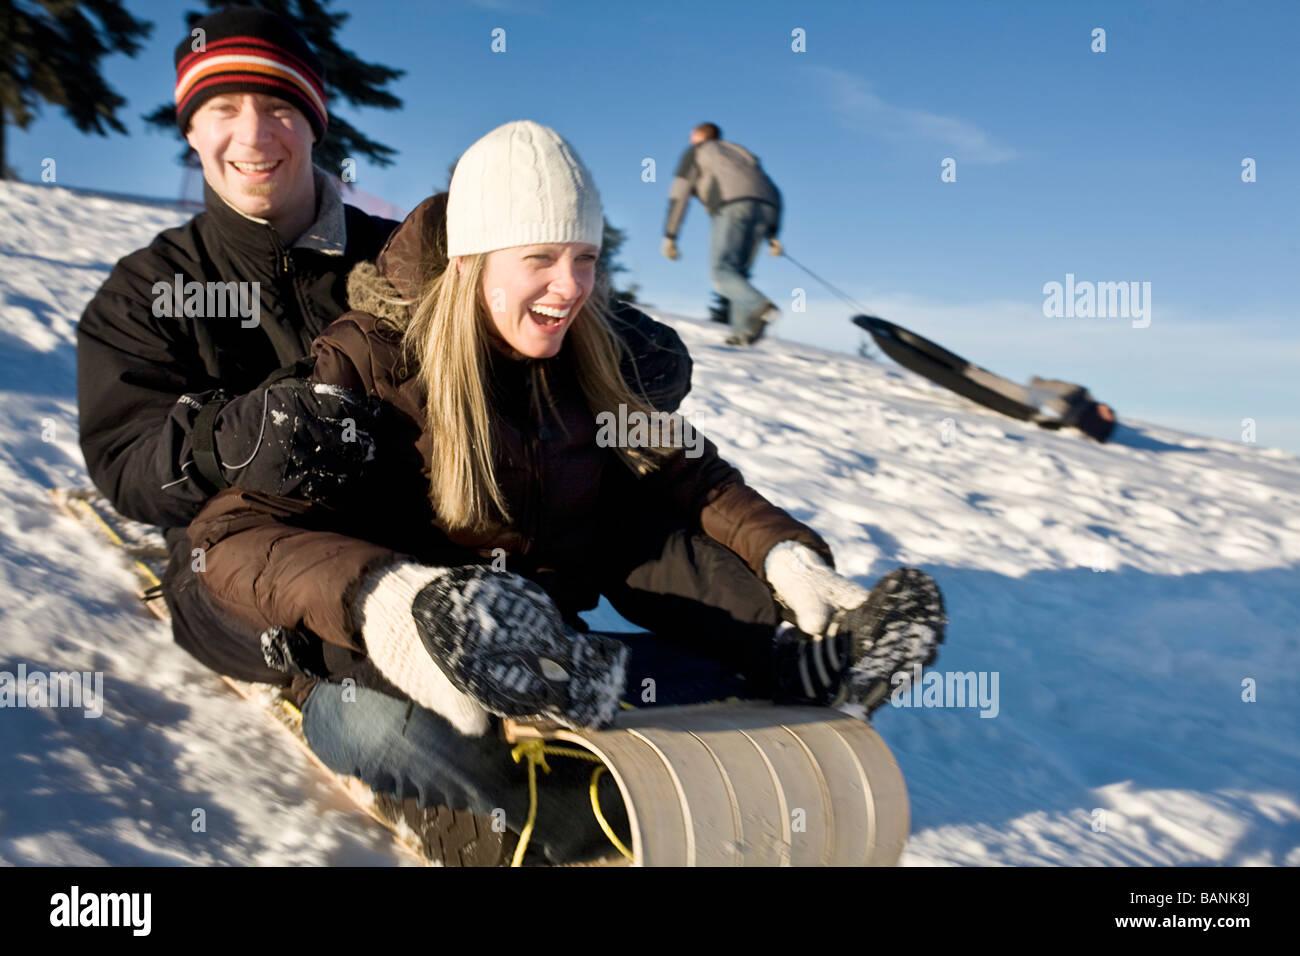 Winter Sport; Paar einen Hügel hinunter rodeln Stockbild